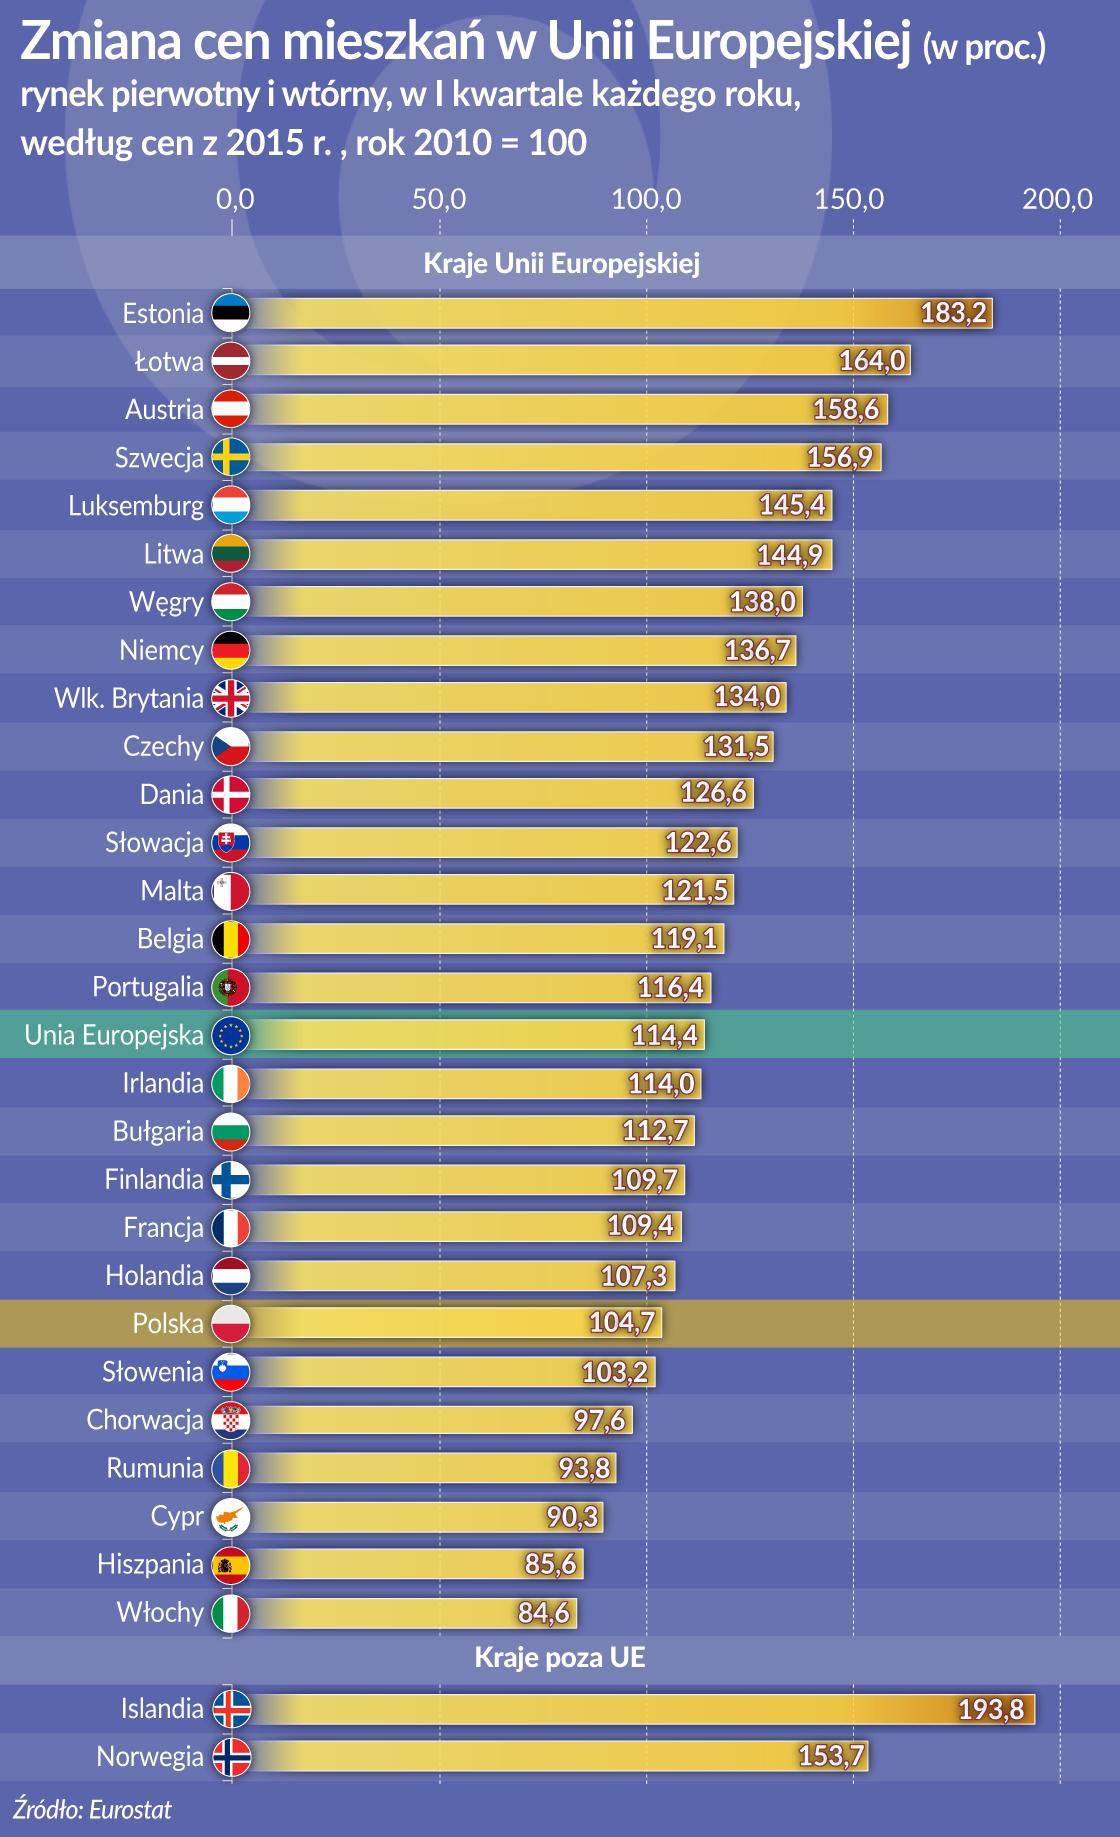 OKO_Ceny mieszkan_zmiana_UE